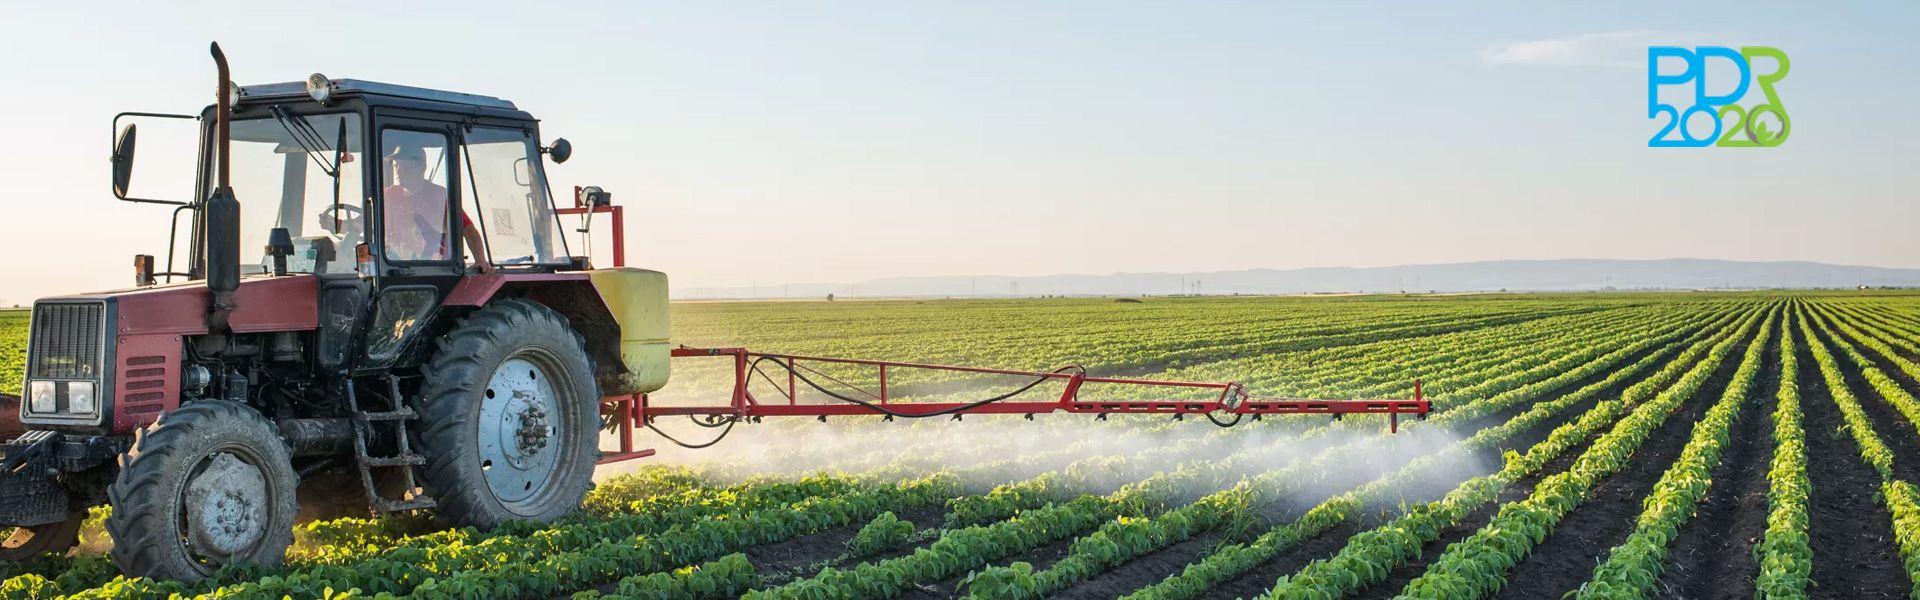 Projectos Agricolas